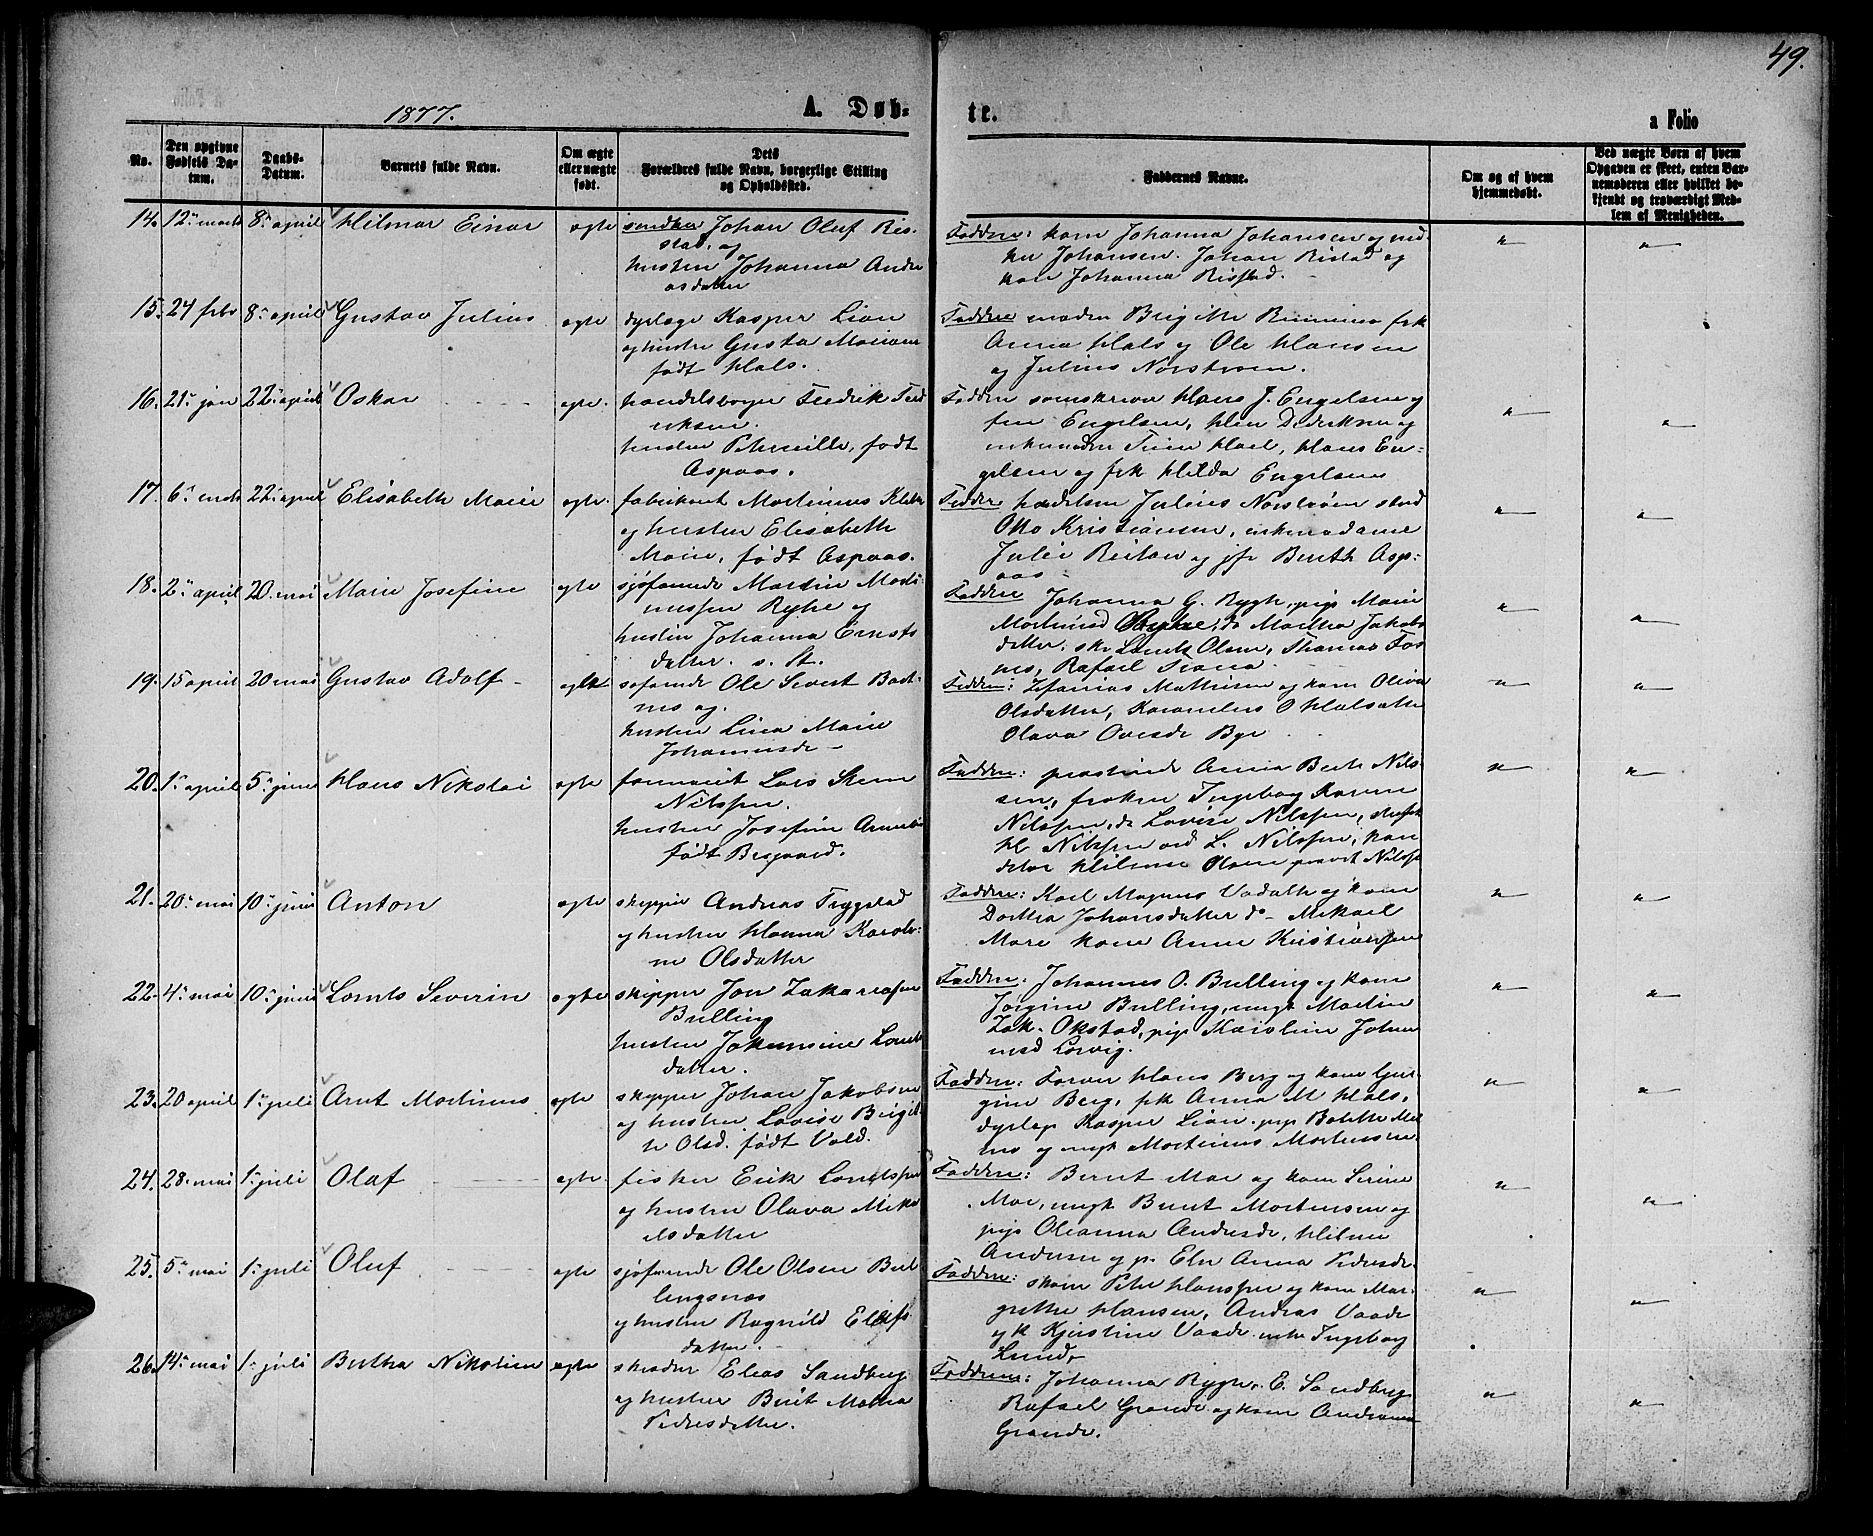 SAT, Ministerialprotokoller, klokkerbøker og fødselsregistre - Nord-Trøndelag, 739/L0373: Klokkerbok nr. 739C01, 1865-1882, s. 49